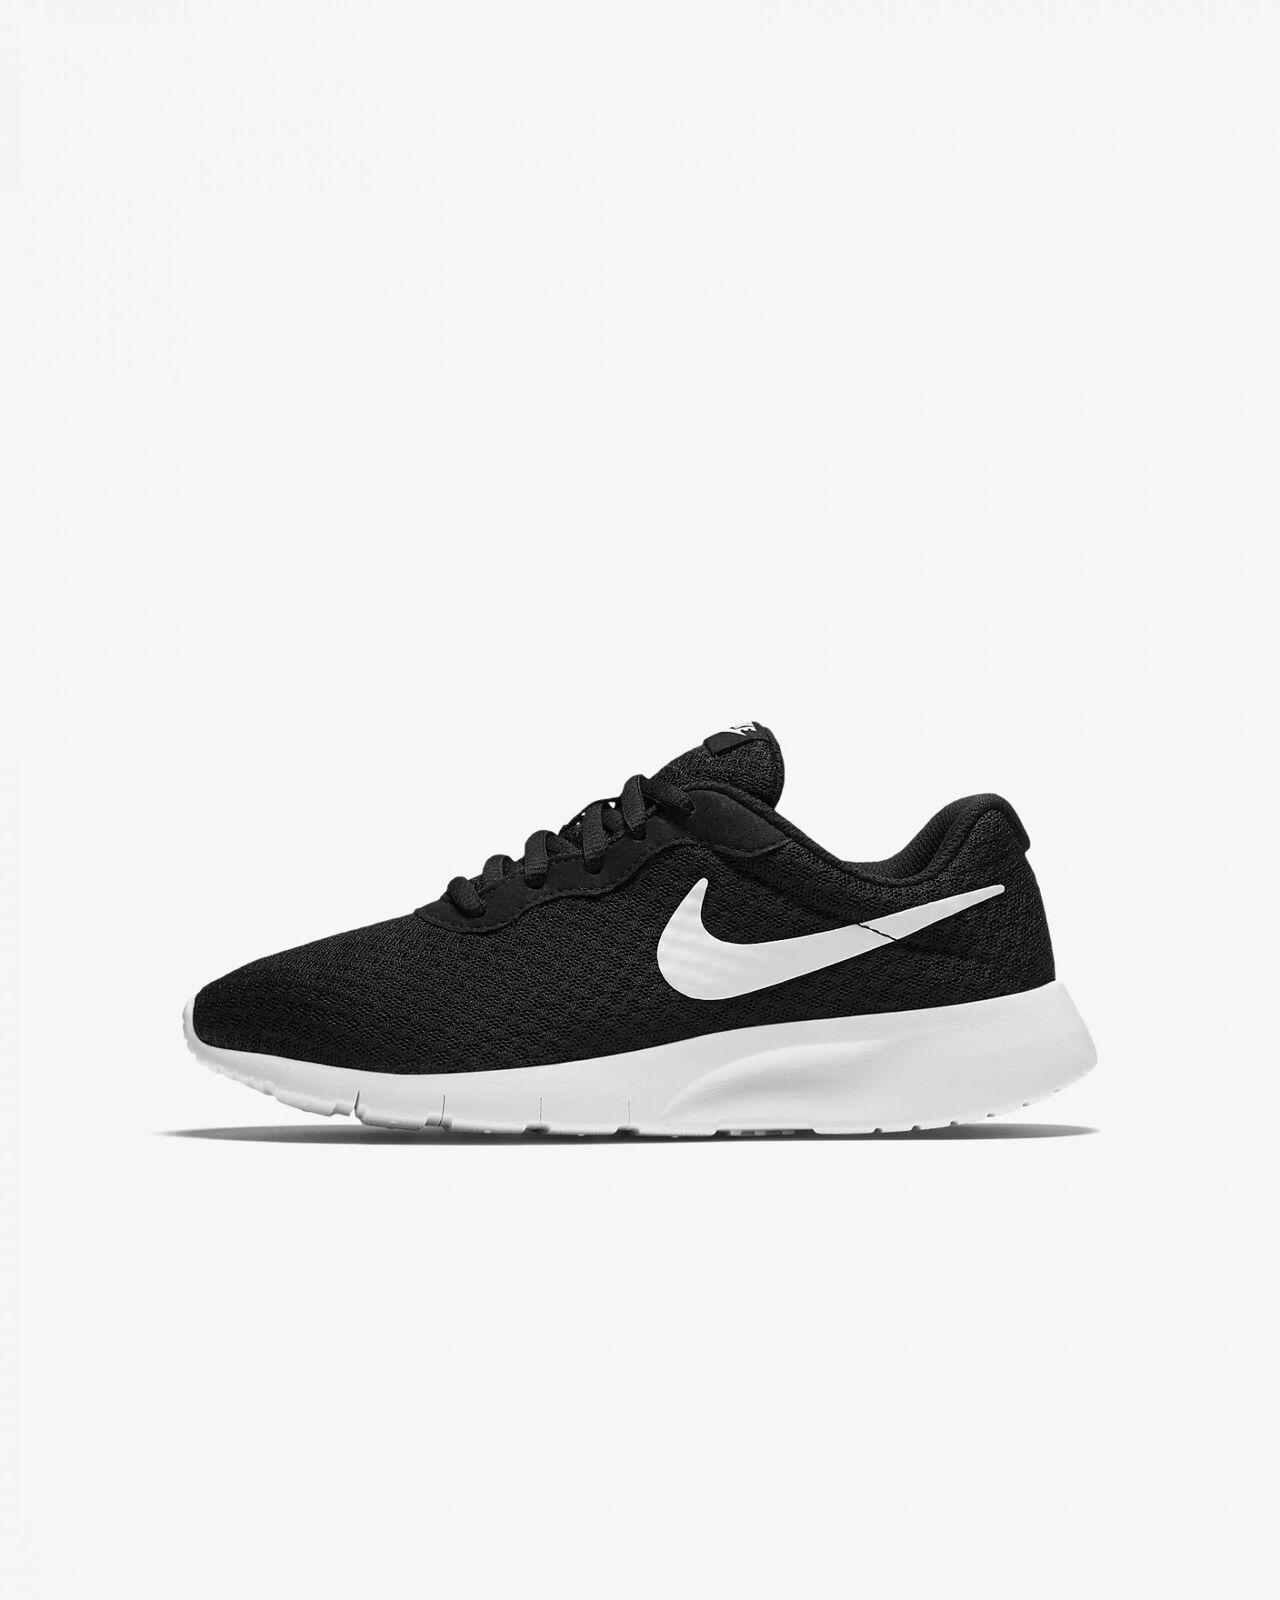 Detalles de Nike Niños Ocio Correr Tanjun (GS) Blanco Negro